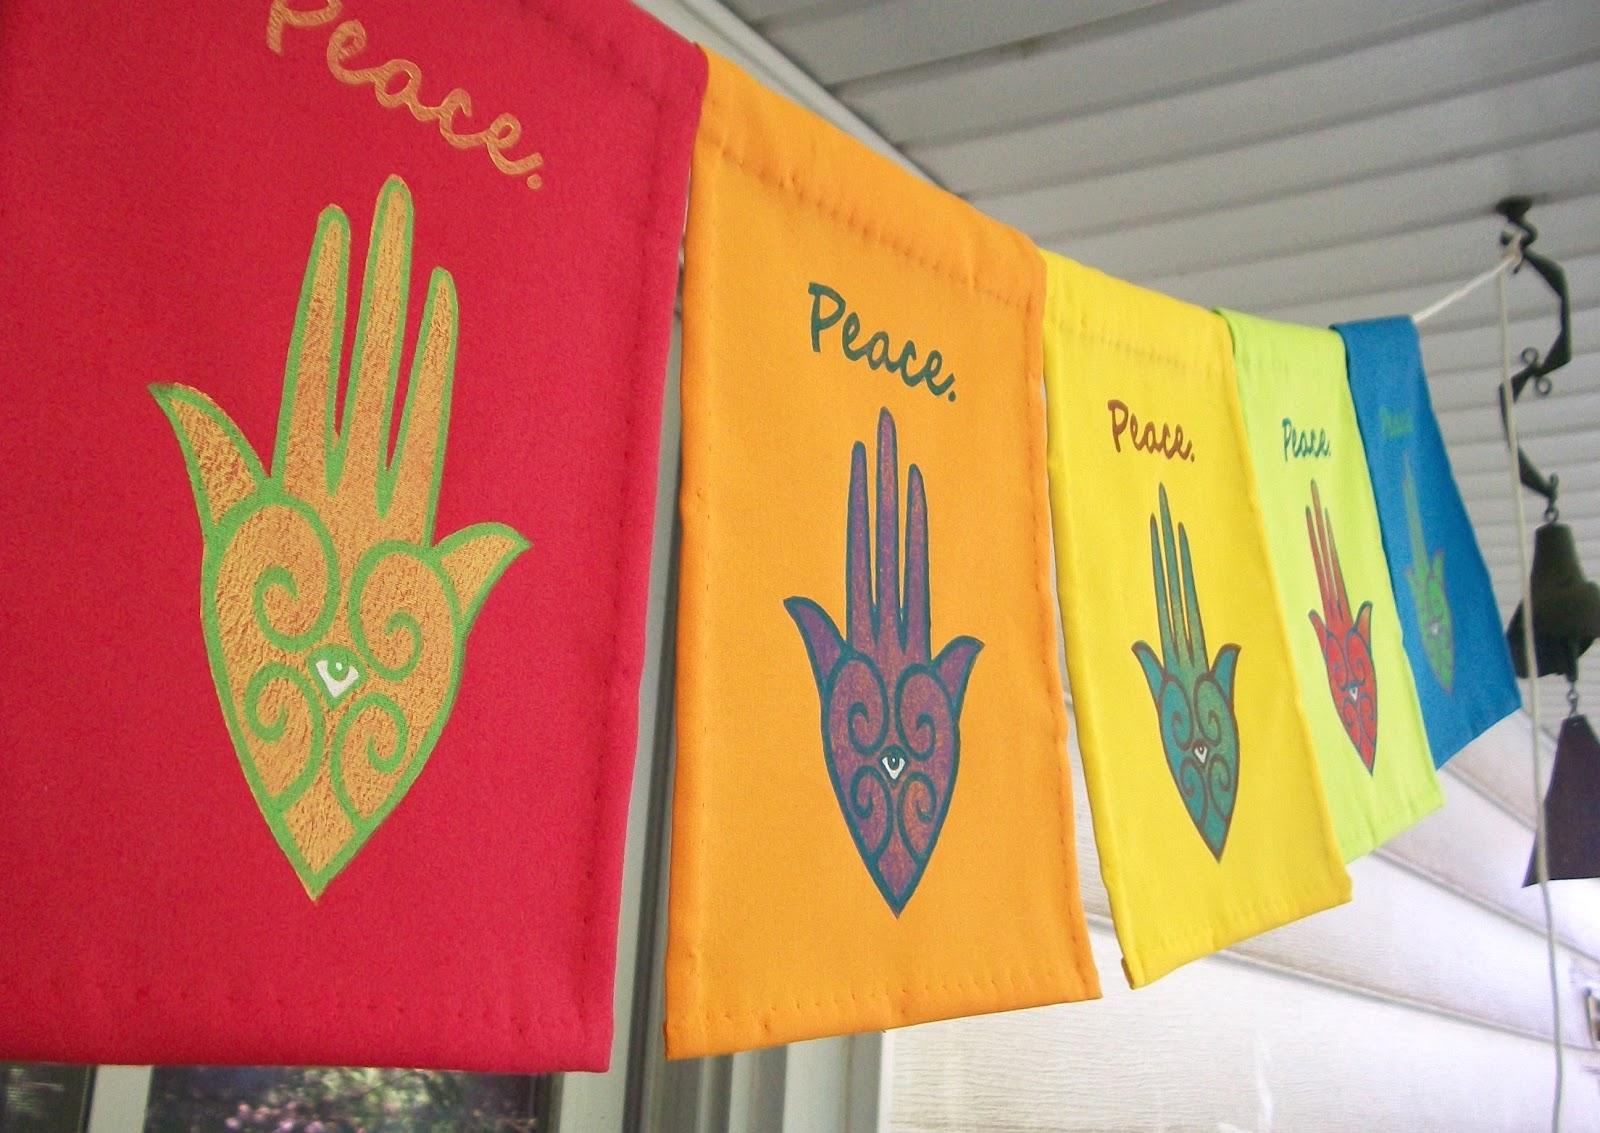 http://4.bp.blogspot.com/-L4egfZOfFFU/UFxnOq0y3II/AAAAAAAADis/tUpDqkaCpB0/s1600/flags+5.jpg